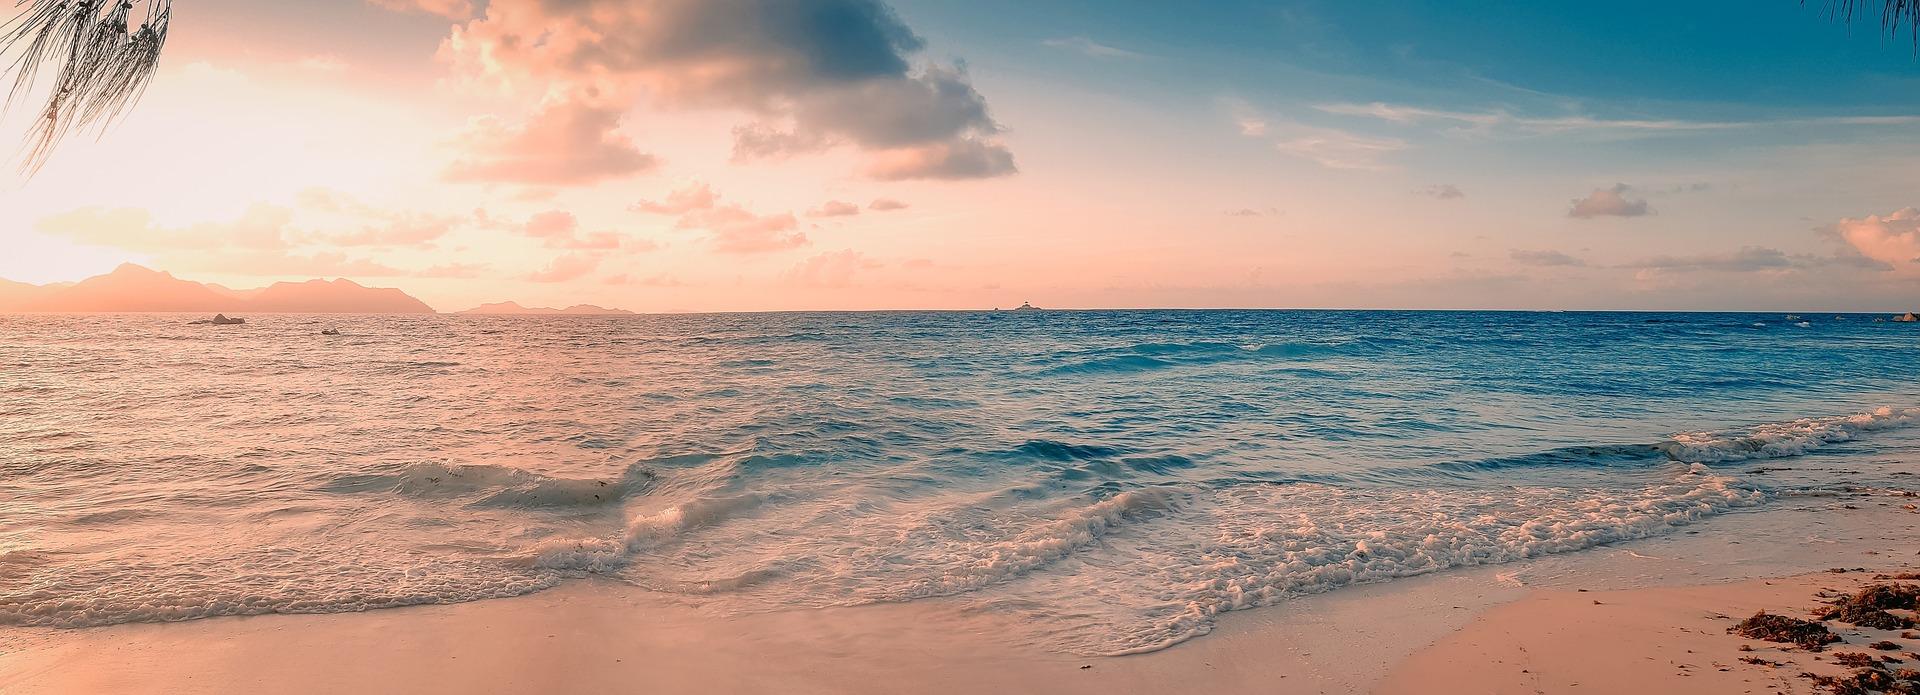 Un climat beaucoup plus agréable pour vos vacances